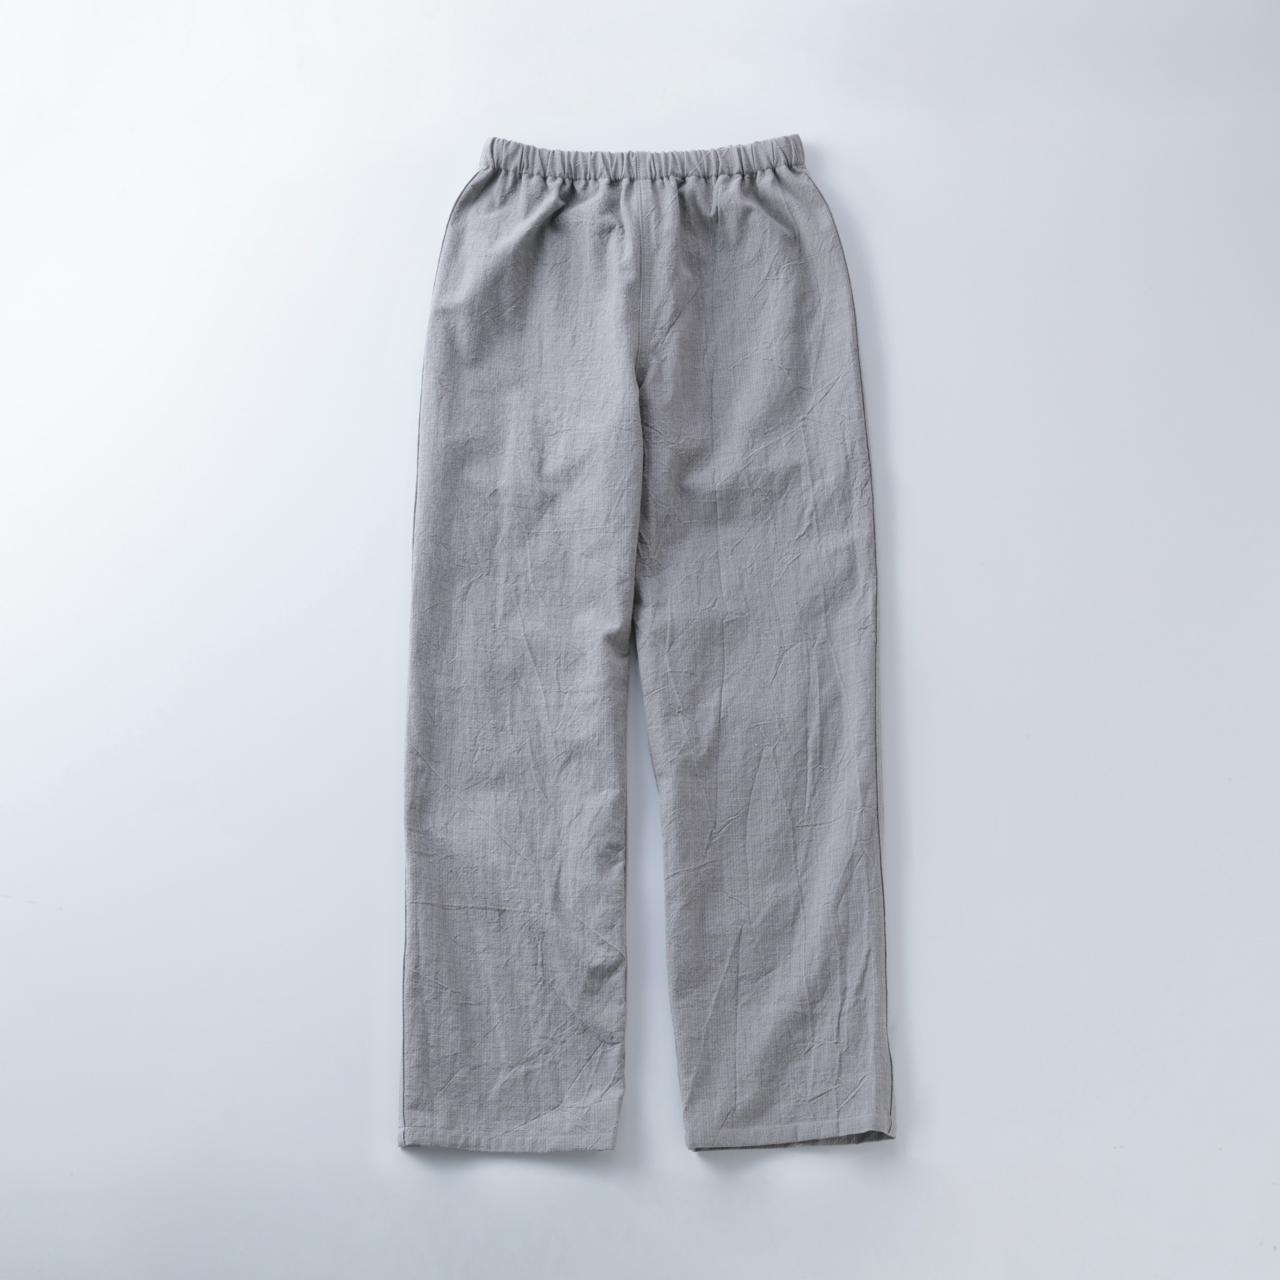 節織薄墨パンツ1